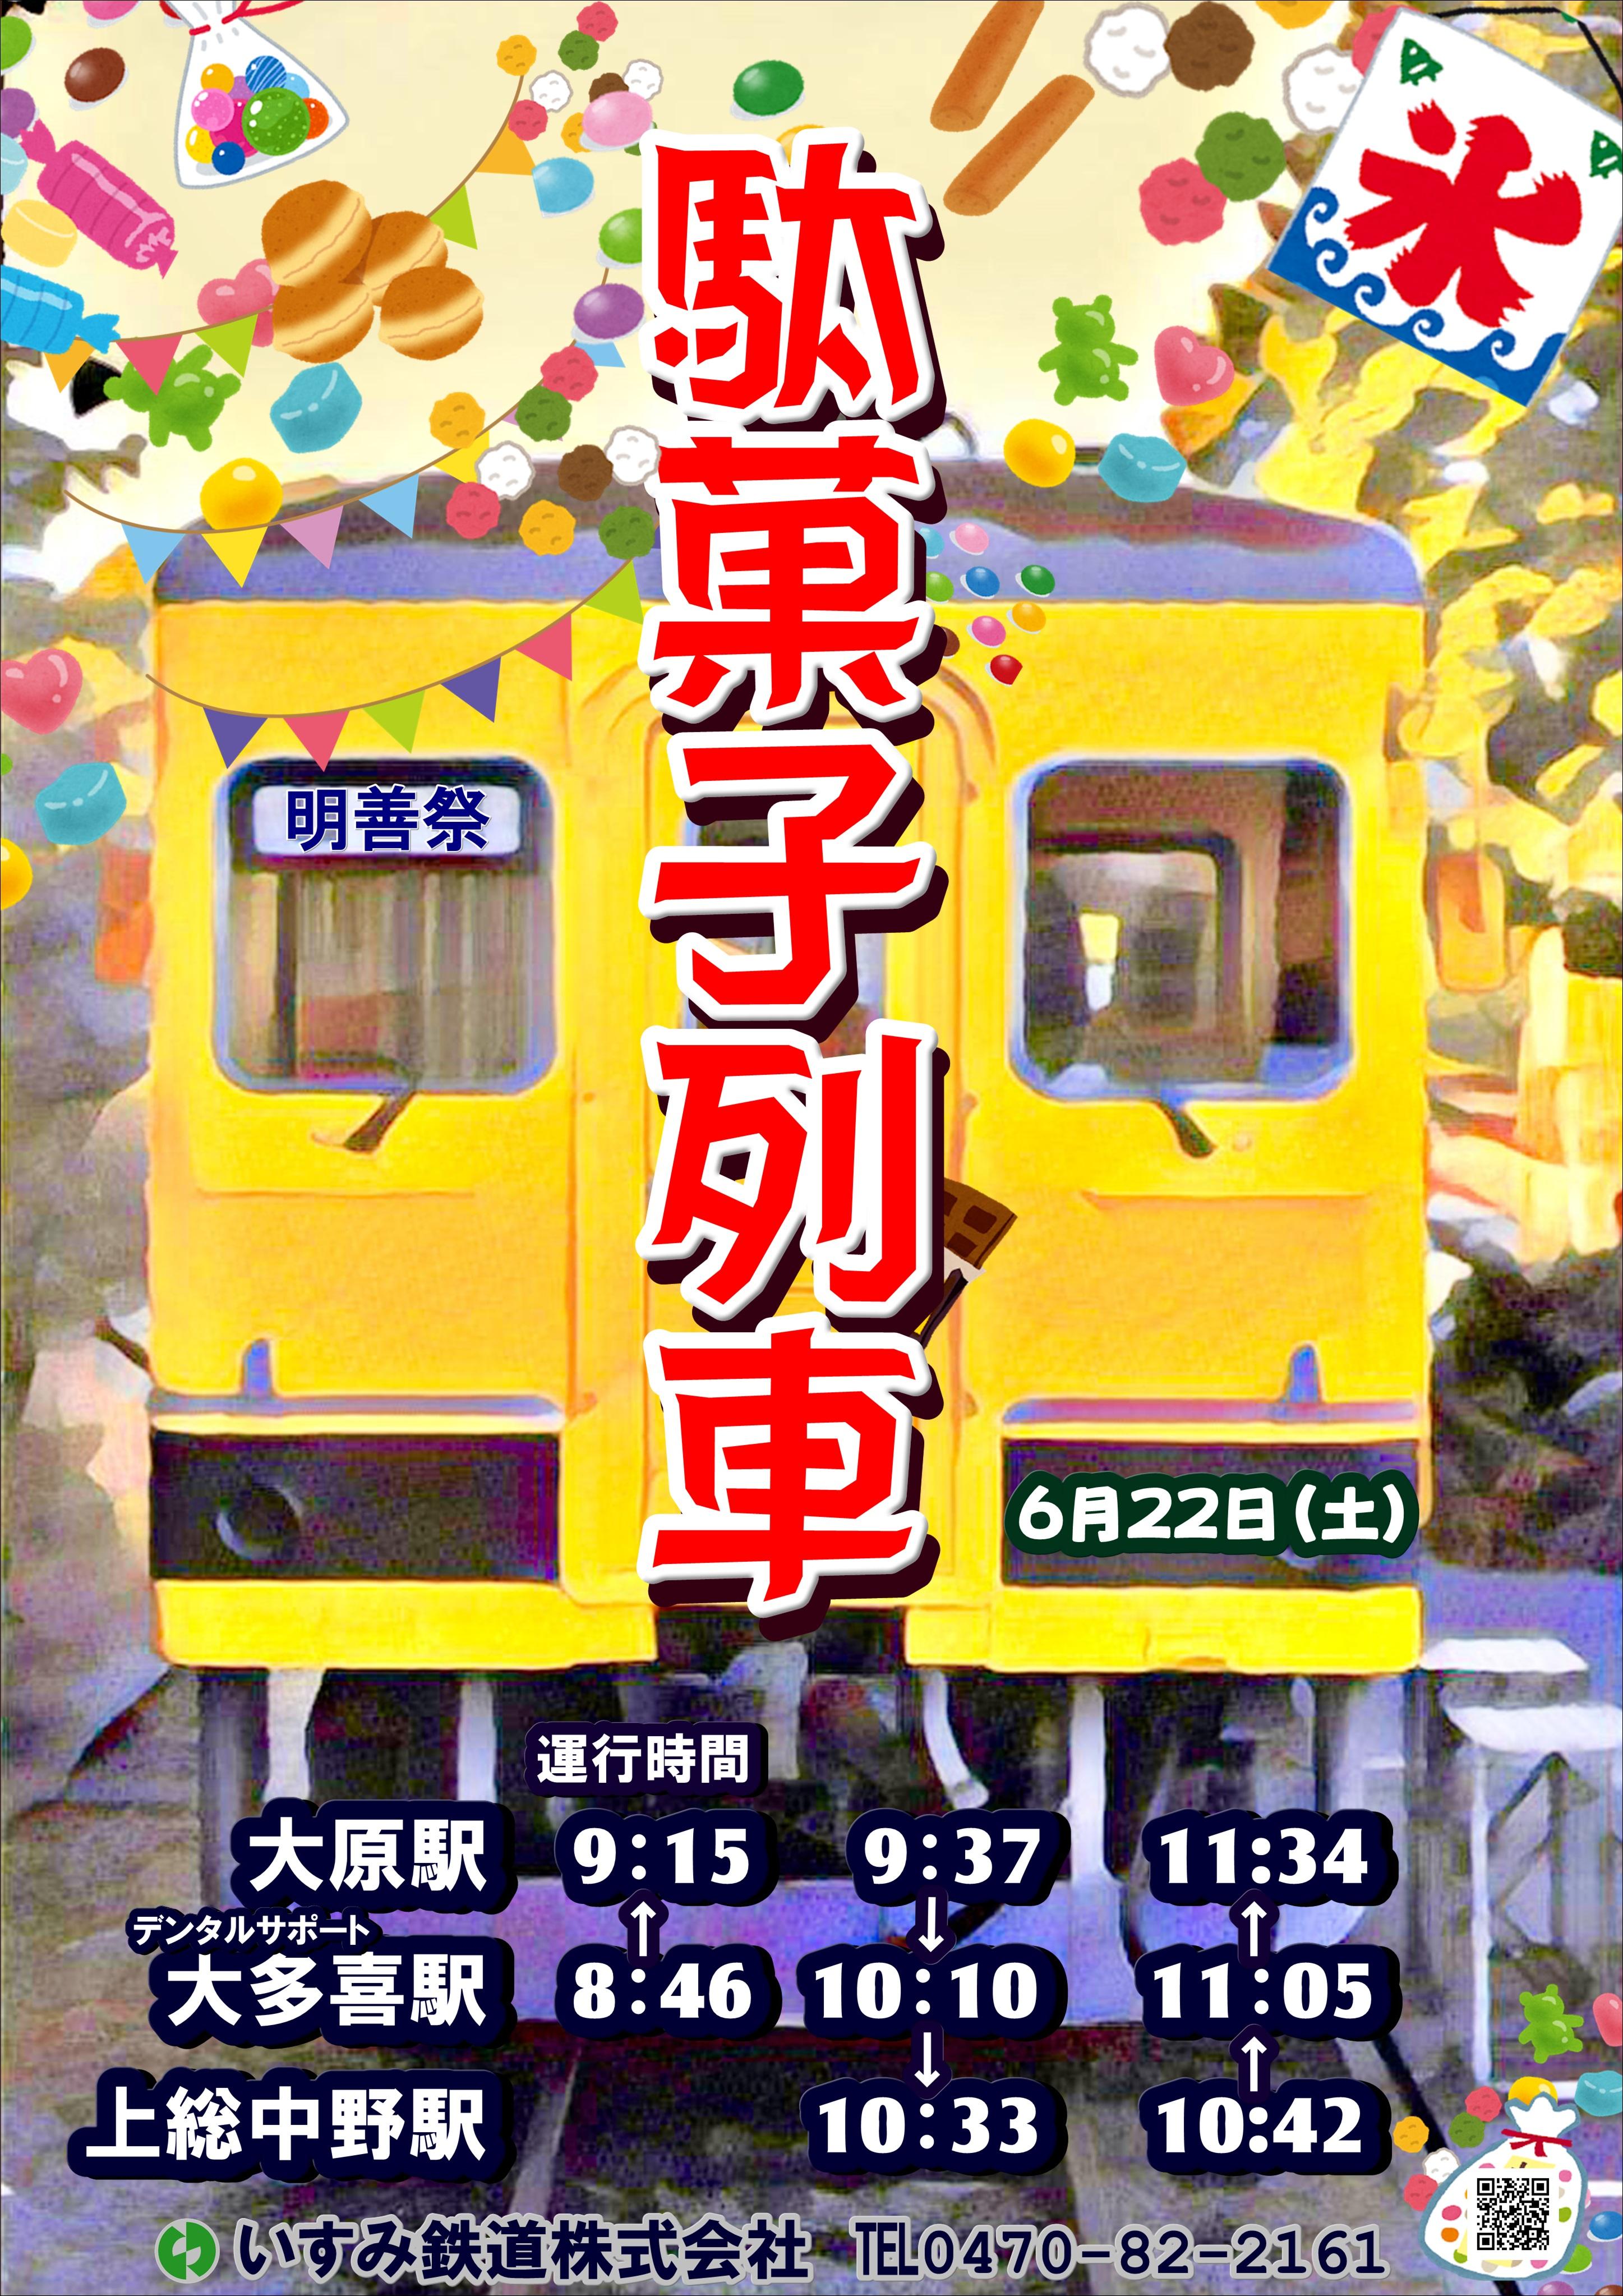 明日は駄菓子列車@いすみ鉄道